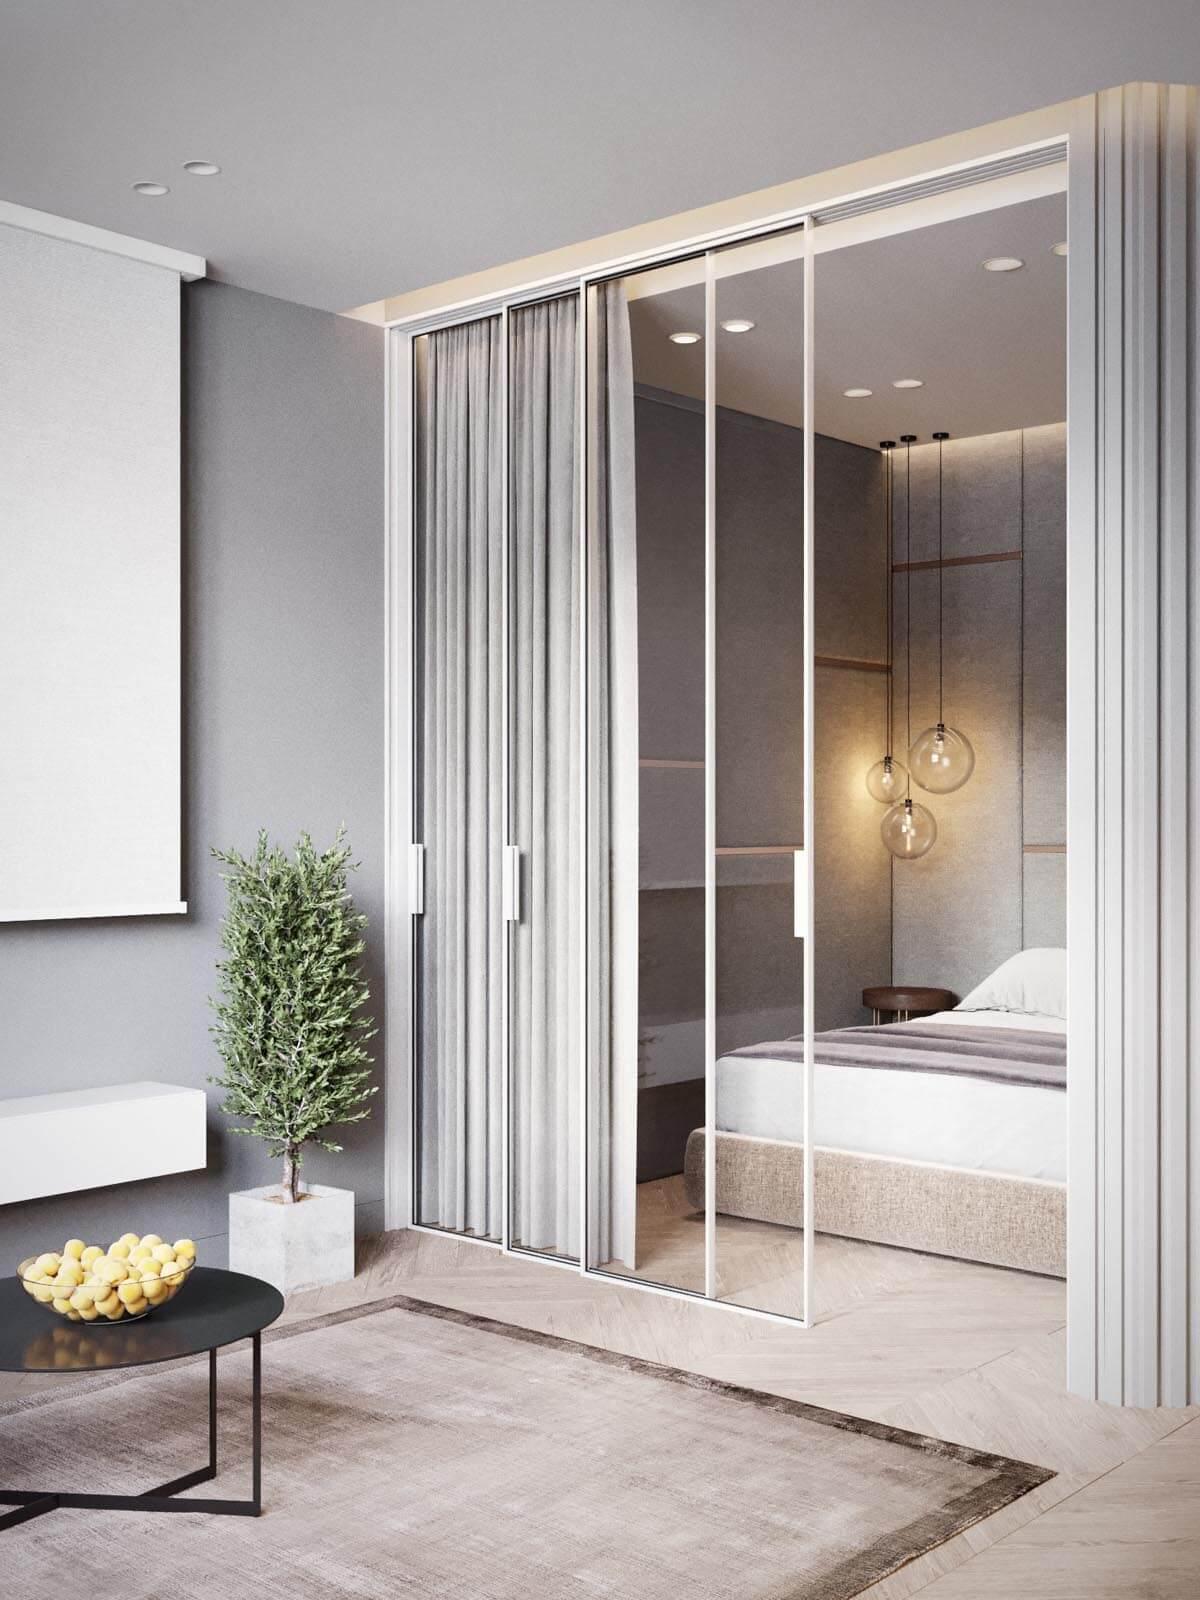 Mẫu thiết kế căn hộ chung cư 50m2 hiện đại 7